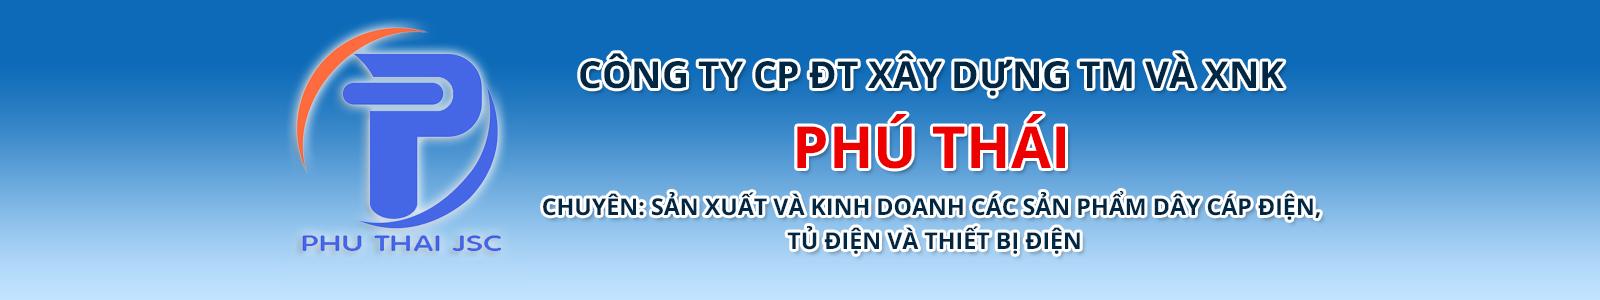 capdienphuthai.com